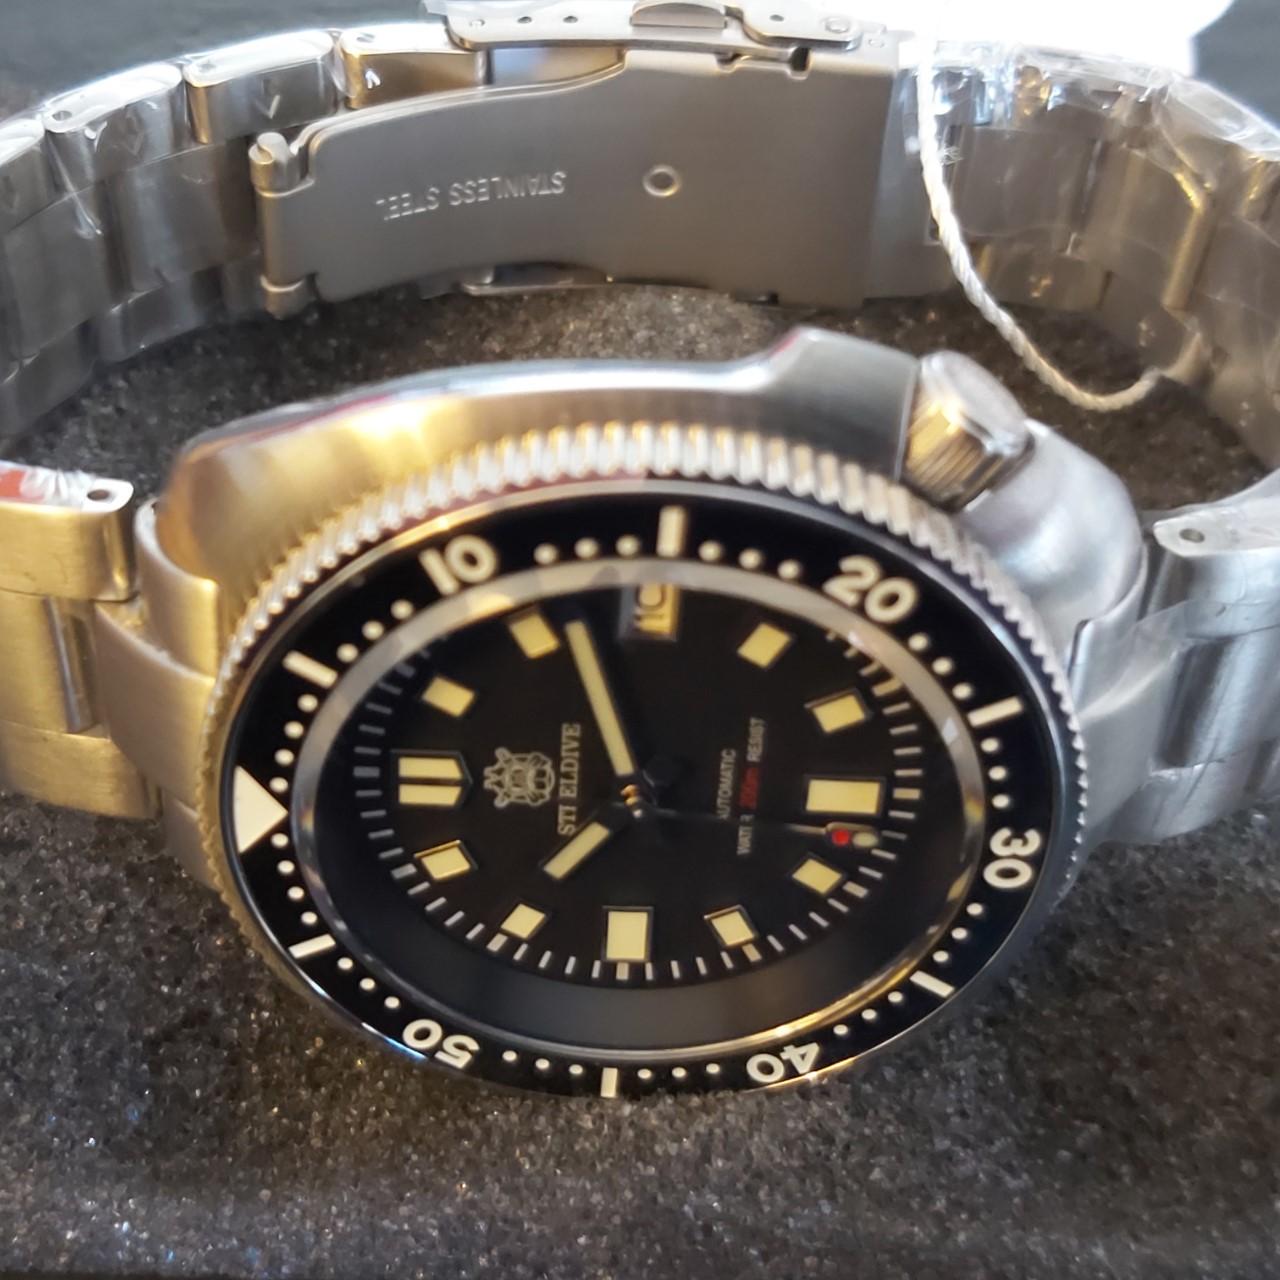 """SteelDive SD1970 Diver's Watch - The NEW 2021 Version Cpt Willard 6105 """"TURTLE"""" Homage"""